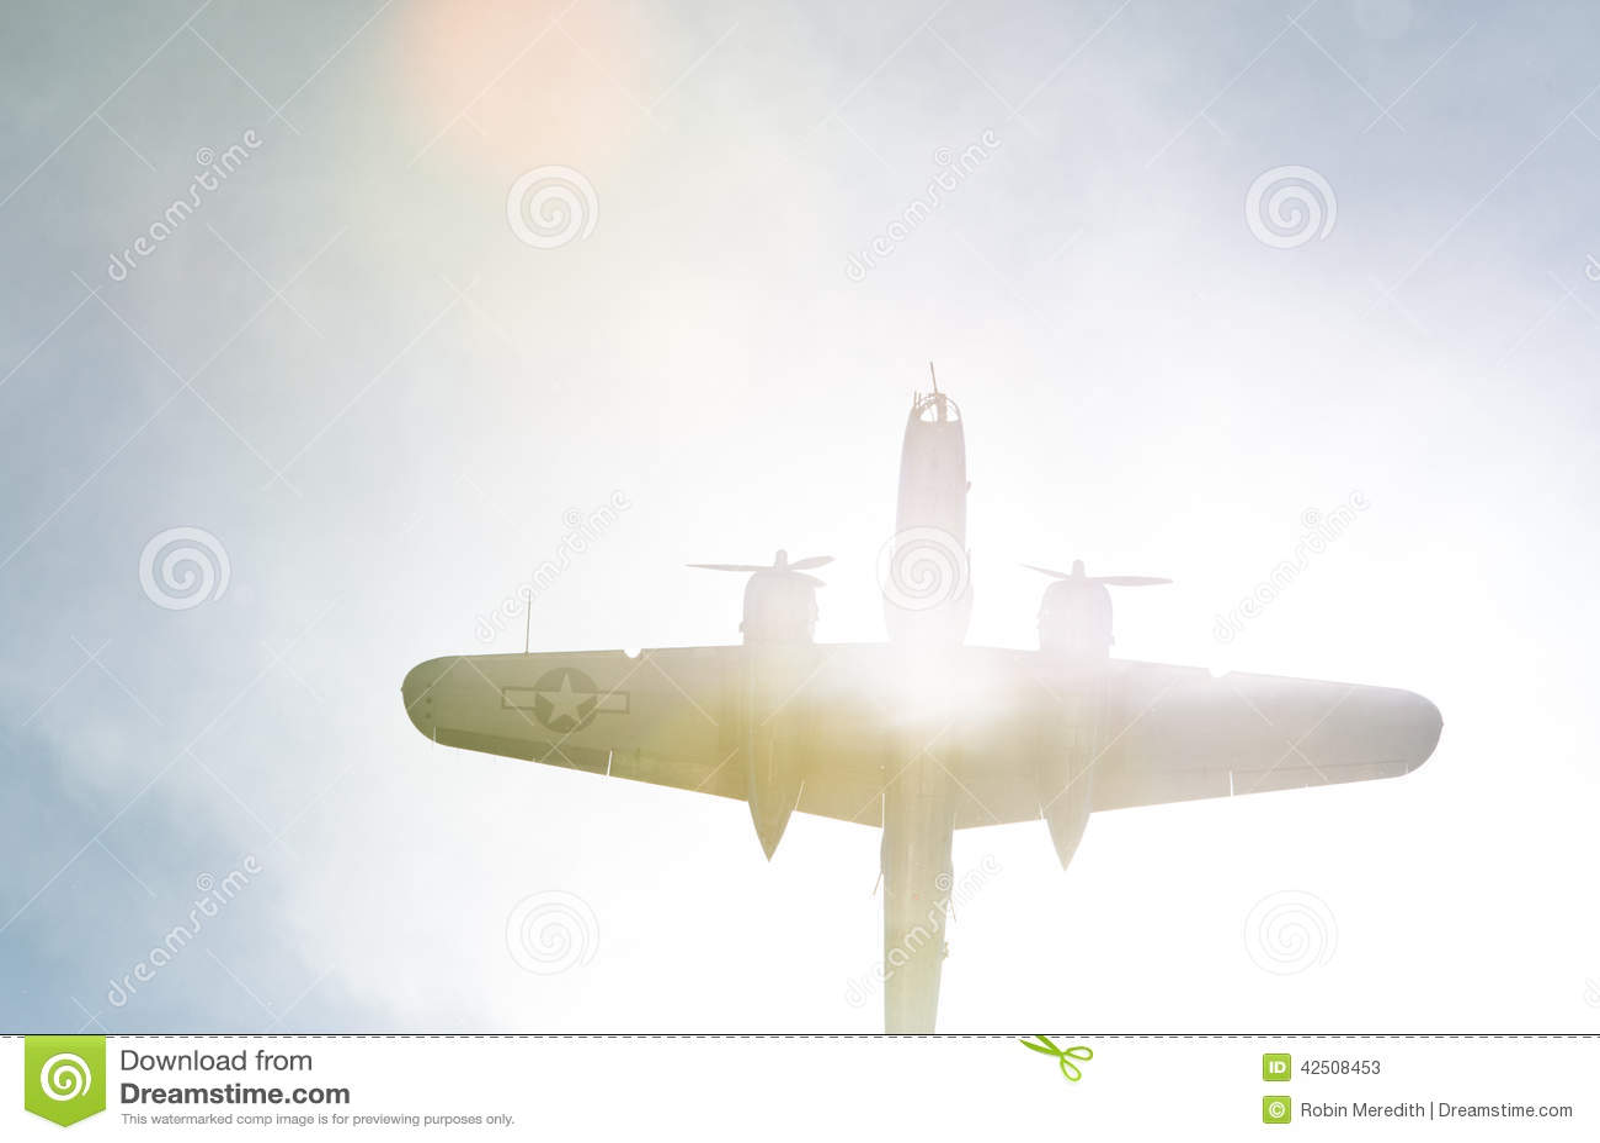 B-25 Panchito